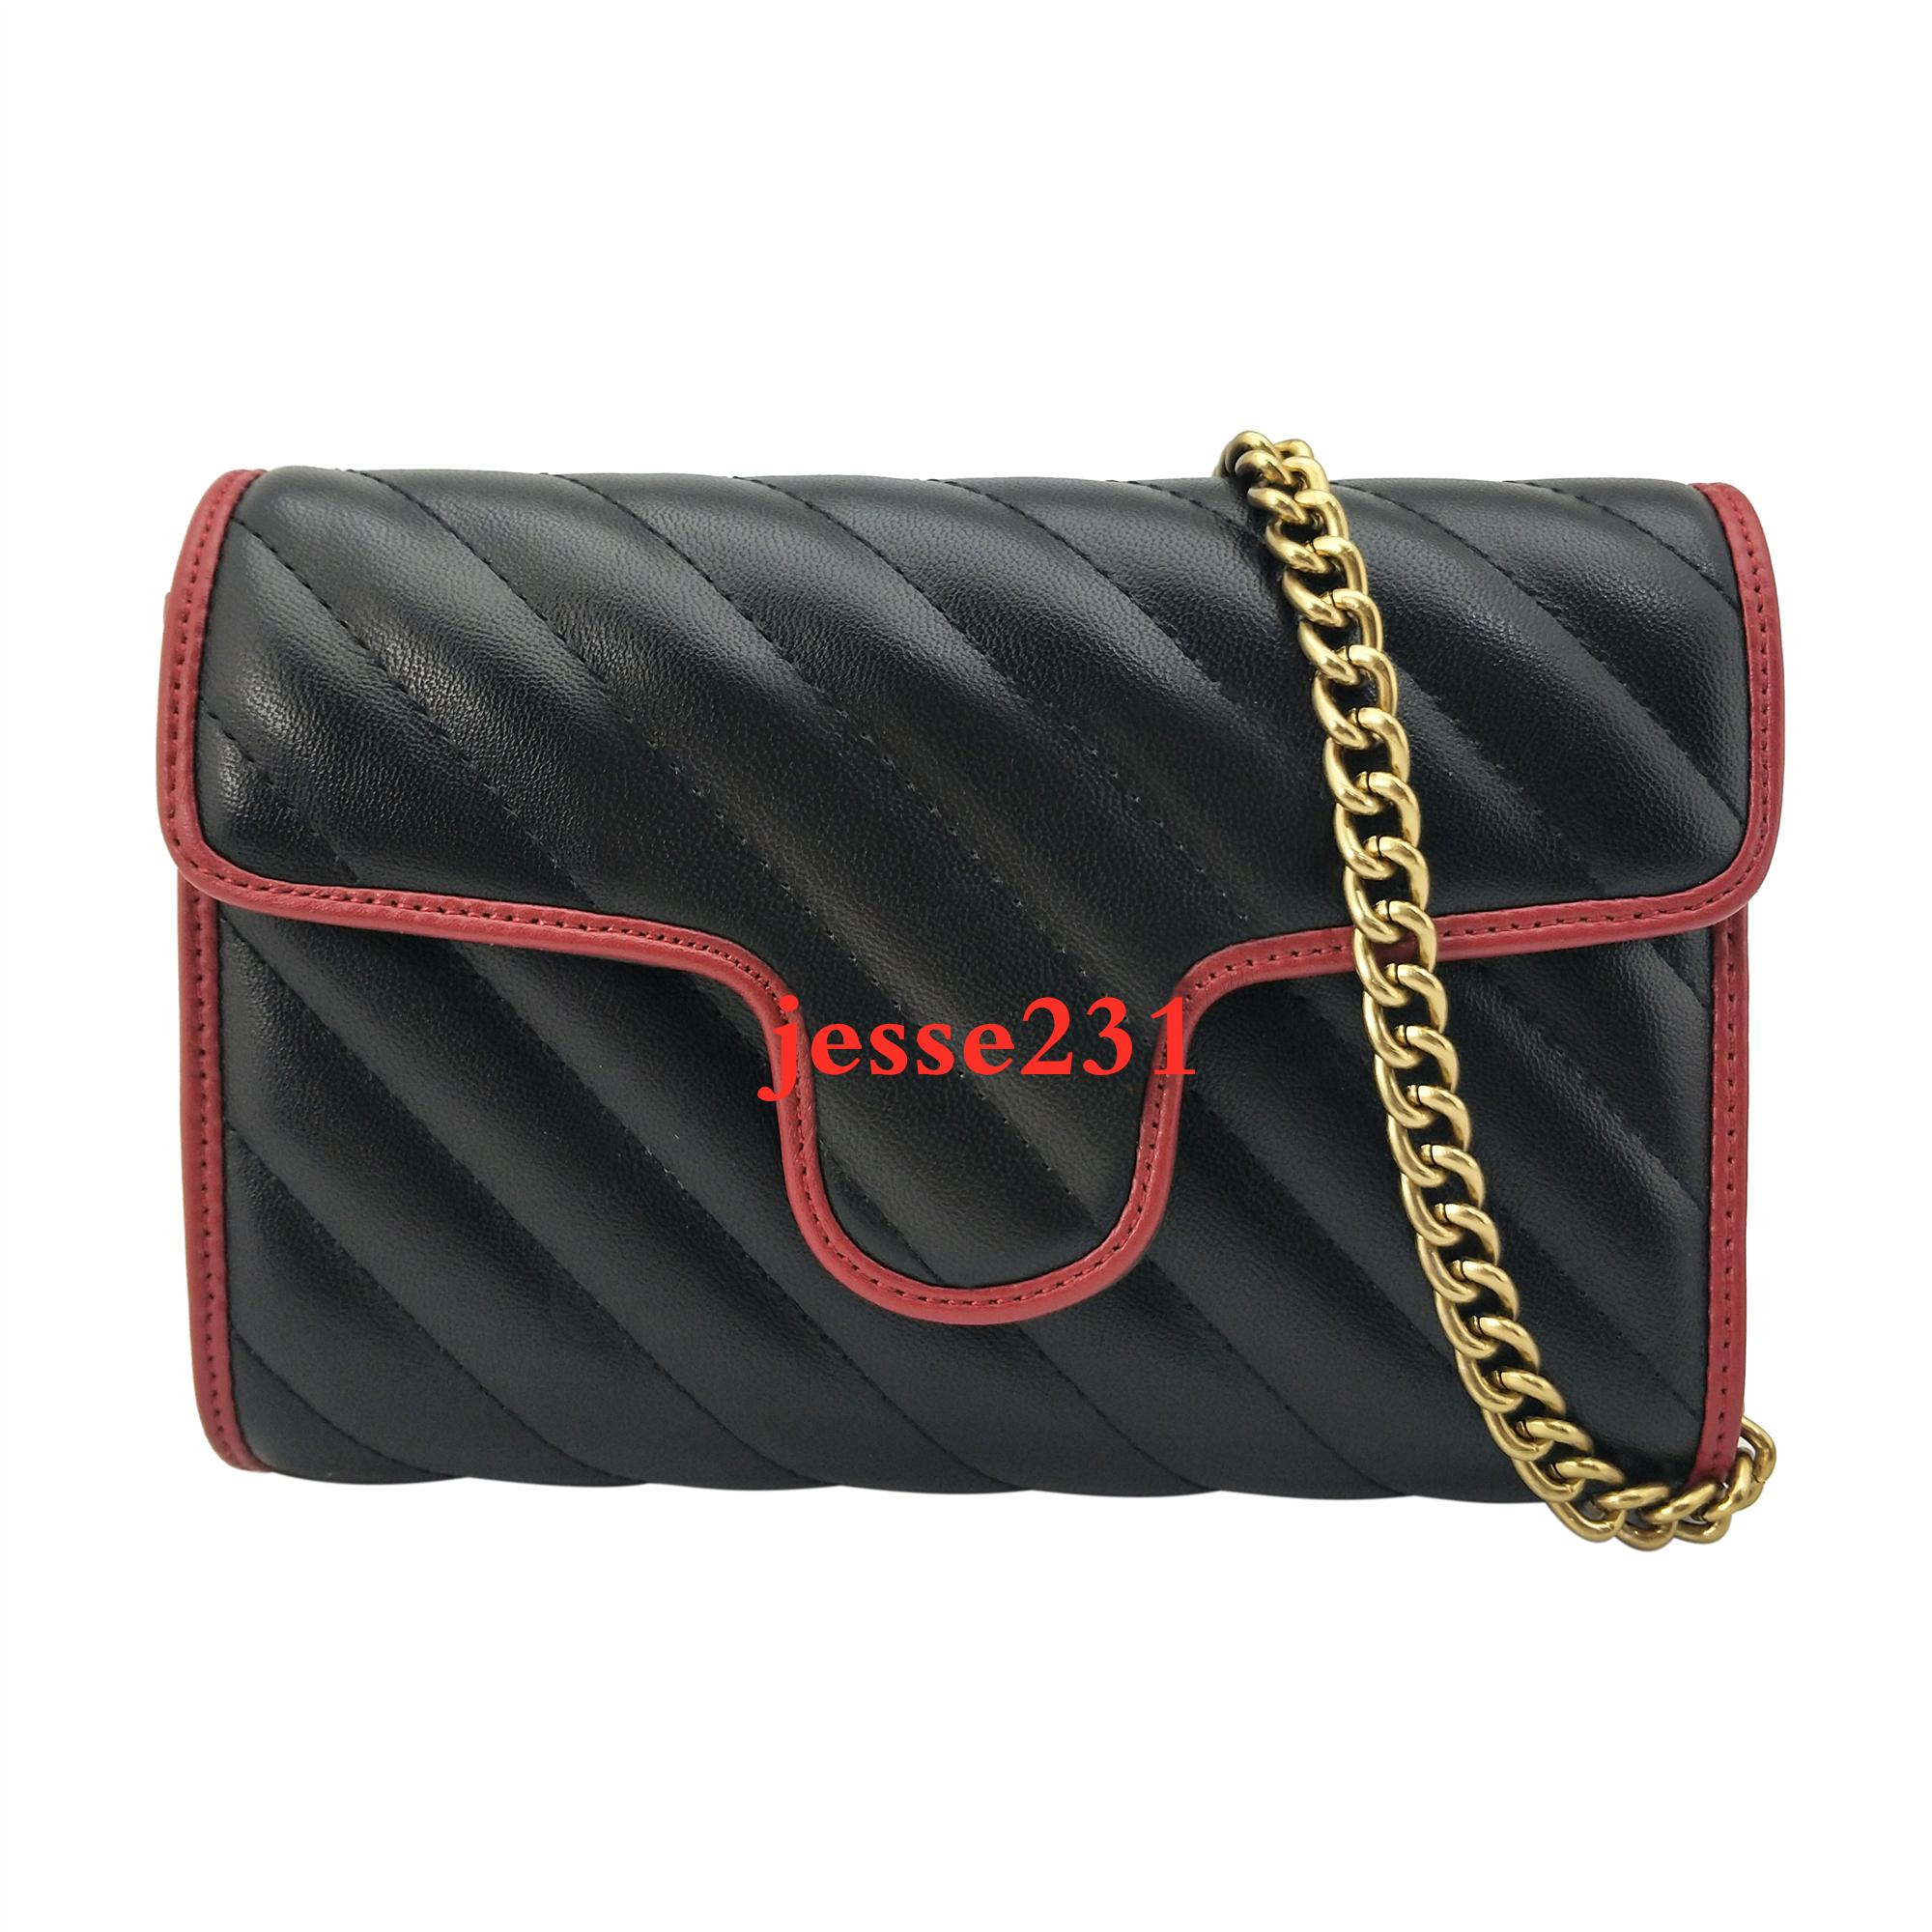 Monedero de los bolsos Mujer Mensajero bolsa de asas nuevas mujeres del estilo bolsas de hombro pequeña Cadena de Oro de la Cruz cuerpo bolsa de cuero de la PU Monedero 22cm * 14cm * 5cm